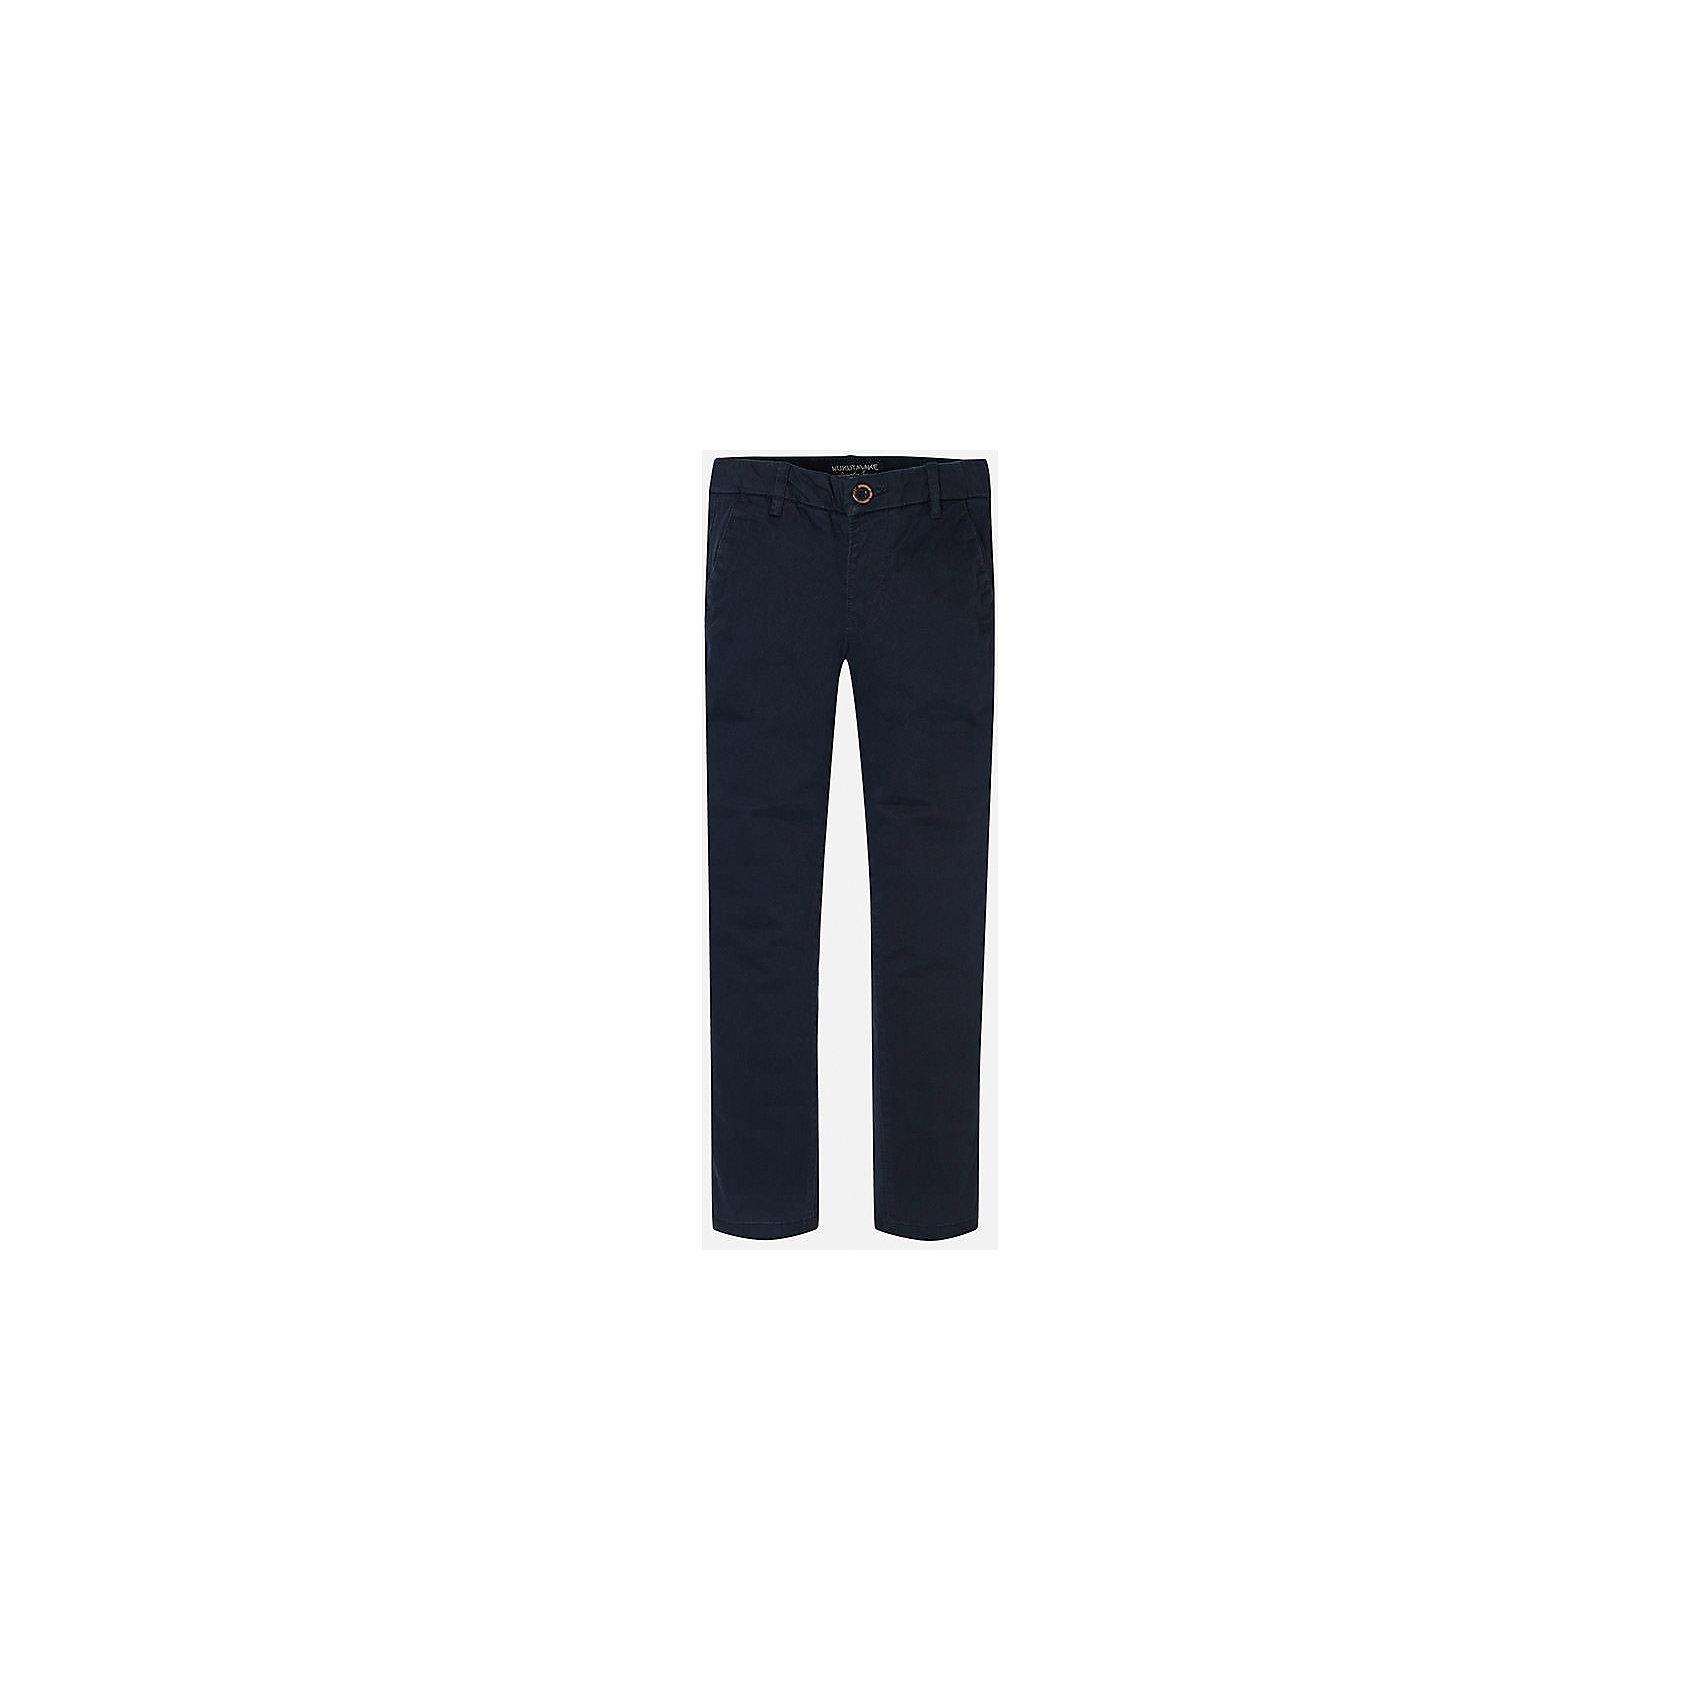 Брюки для мальчика MayoralХорошие, качественные брюки - это необходимый атрибут в гардеробе каждого человека!<br><br>Дополнительная информация:<br><br>- Крой: классический крой (Regular fit).<br>- Страна бренда: Испания.<br>- Состав: хлопок 98%, эластан 2%.<br>- Цвет: бежевый.<br>- Уход: бережная стирка при 30 градусах.<br><br>Купить брюки для мальчика Mayoral можно в нашем магазине.<br><br>Ширина мм: 215<br>Глубина мм: 88<br>Высота мм: 191<br>Вес г: 336<br>Цвет: синий<br>Возраст от месяцев: 108<br>Возраст до месяцев: 120<br>Пол: Мужской<br>Возраст: Детский<br>Размер: 128/134,140/146,146/152,152/158,158/164,164/170<br>SKU: 4826694